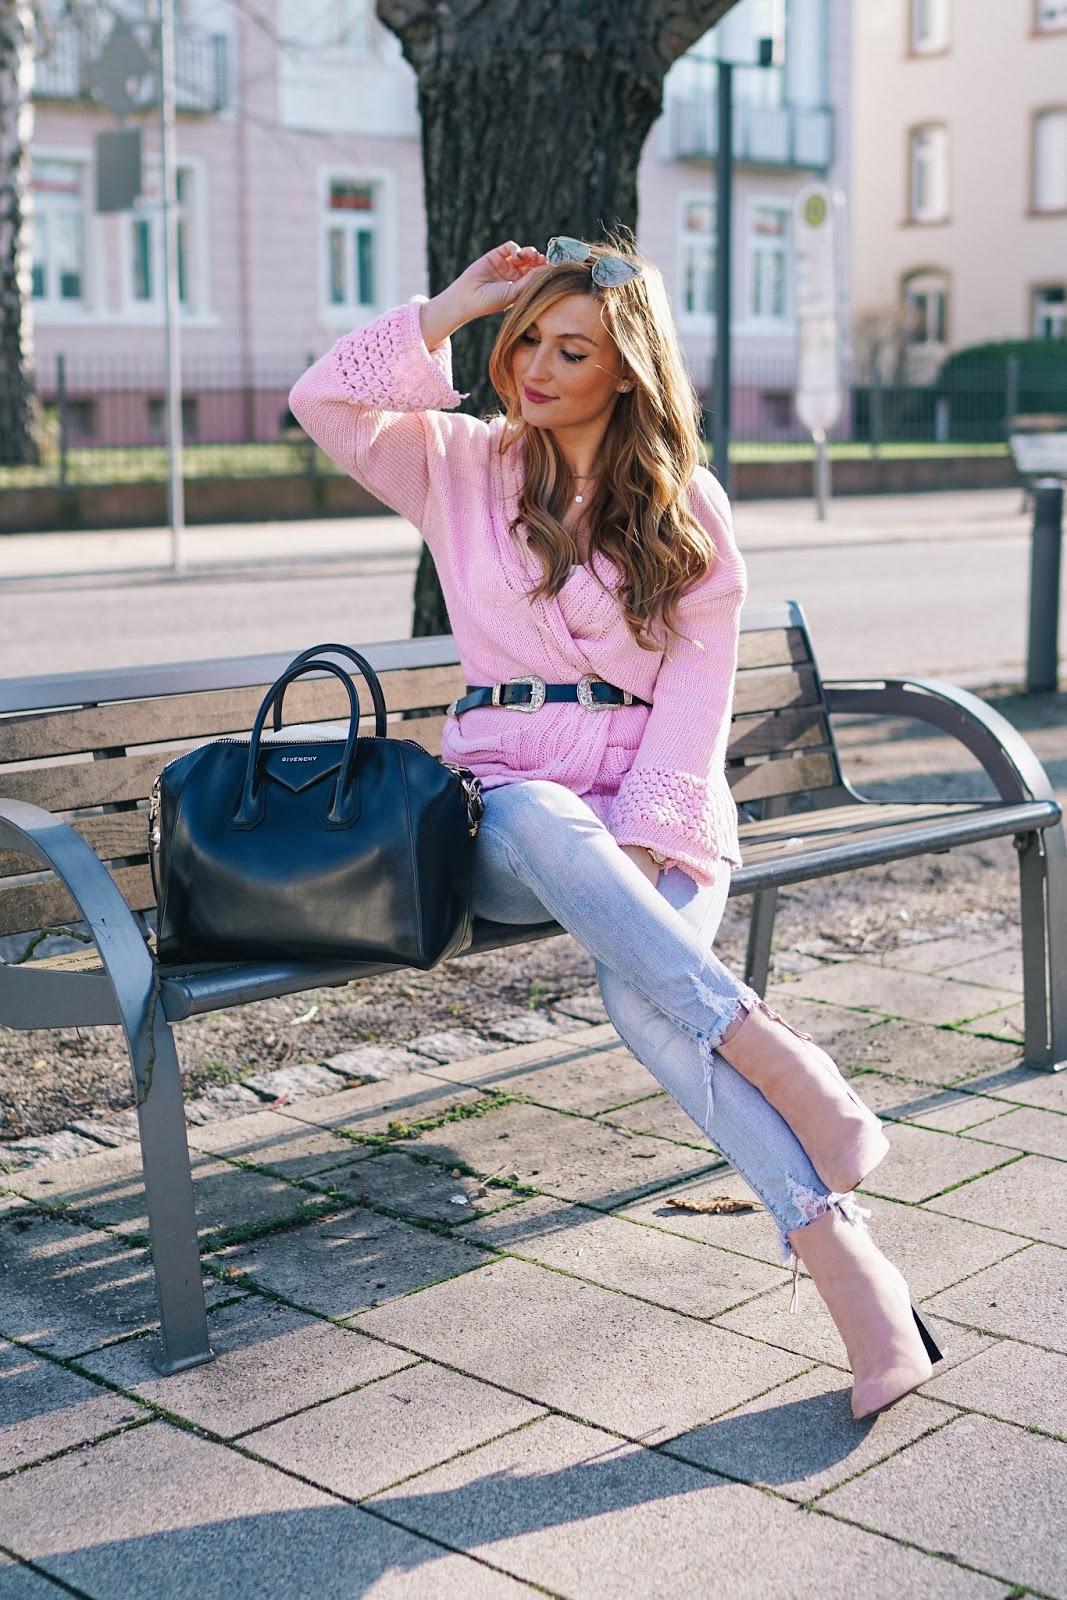 wie-kombiniert-man-eine-schwarze-tasche-rosa-schuhe-stiefeletten-blogger-aus-deutschland-deutsche-fashionblogger-fashionstylebyjohanna